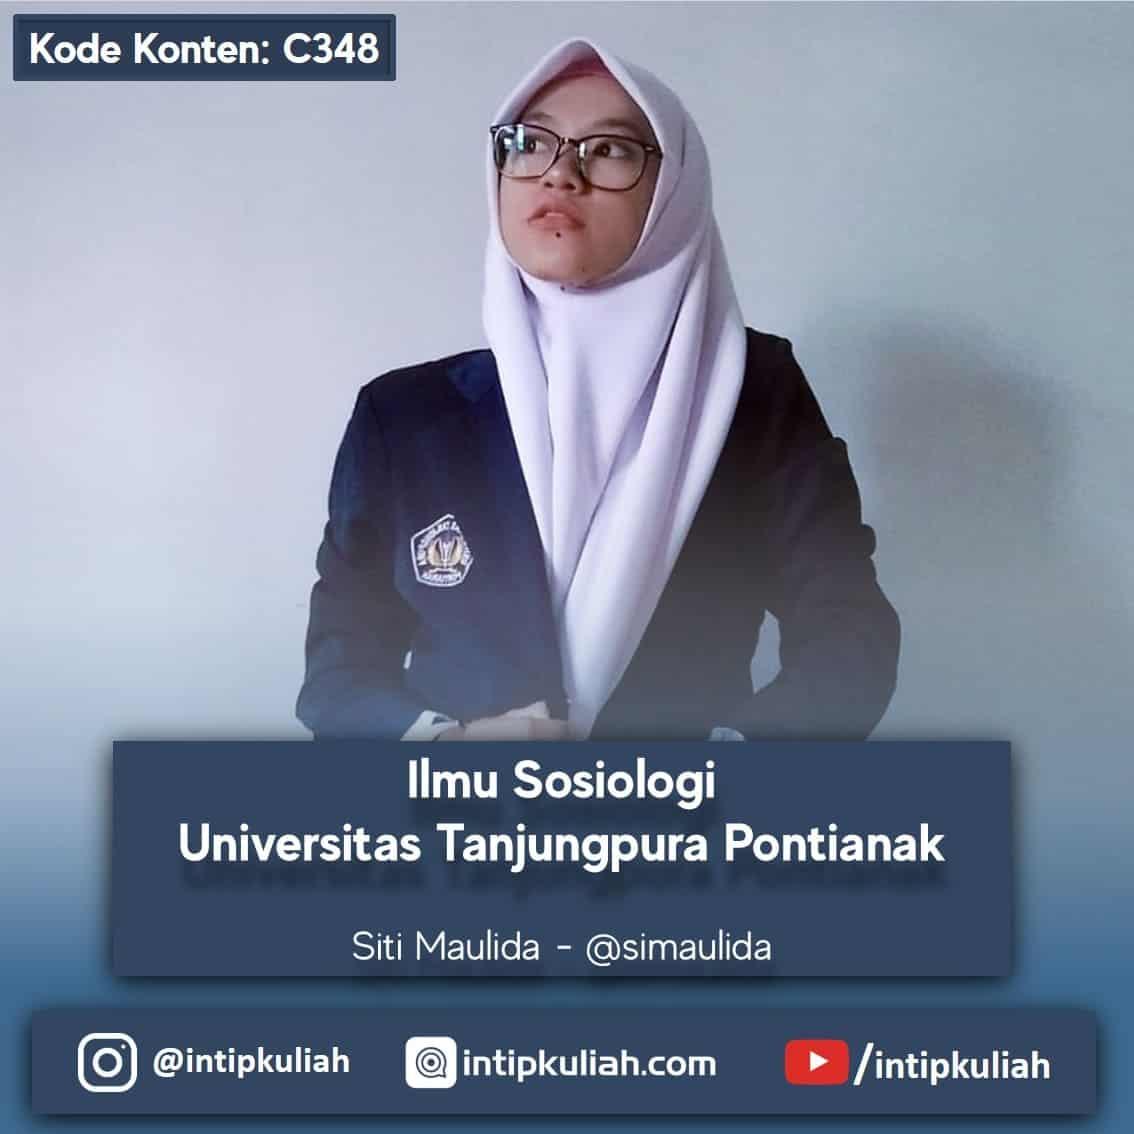 Sosiologi Universitas Tanjung Pura Pontianak (Siti)